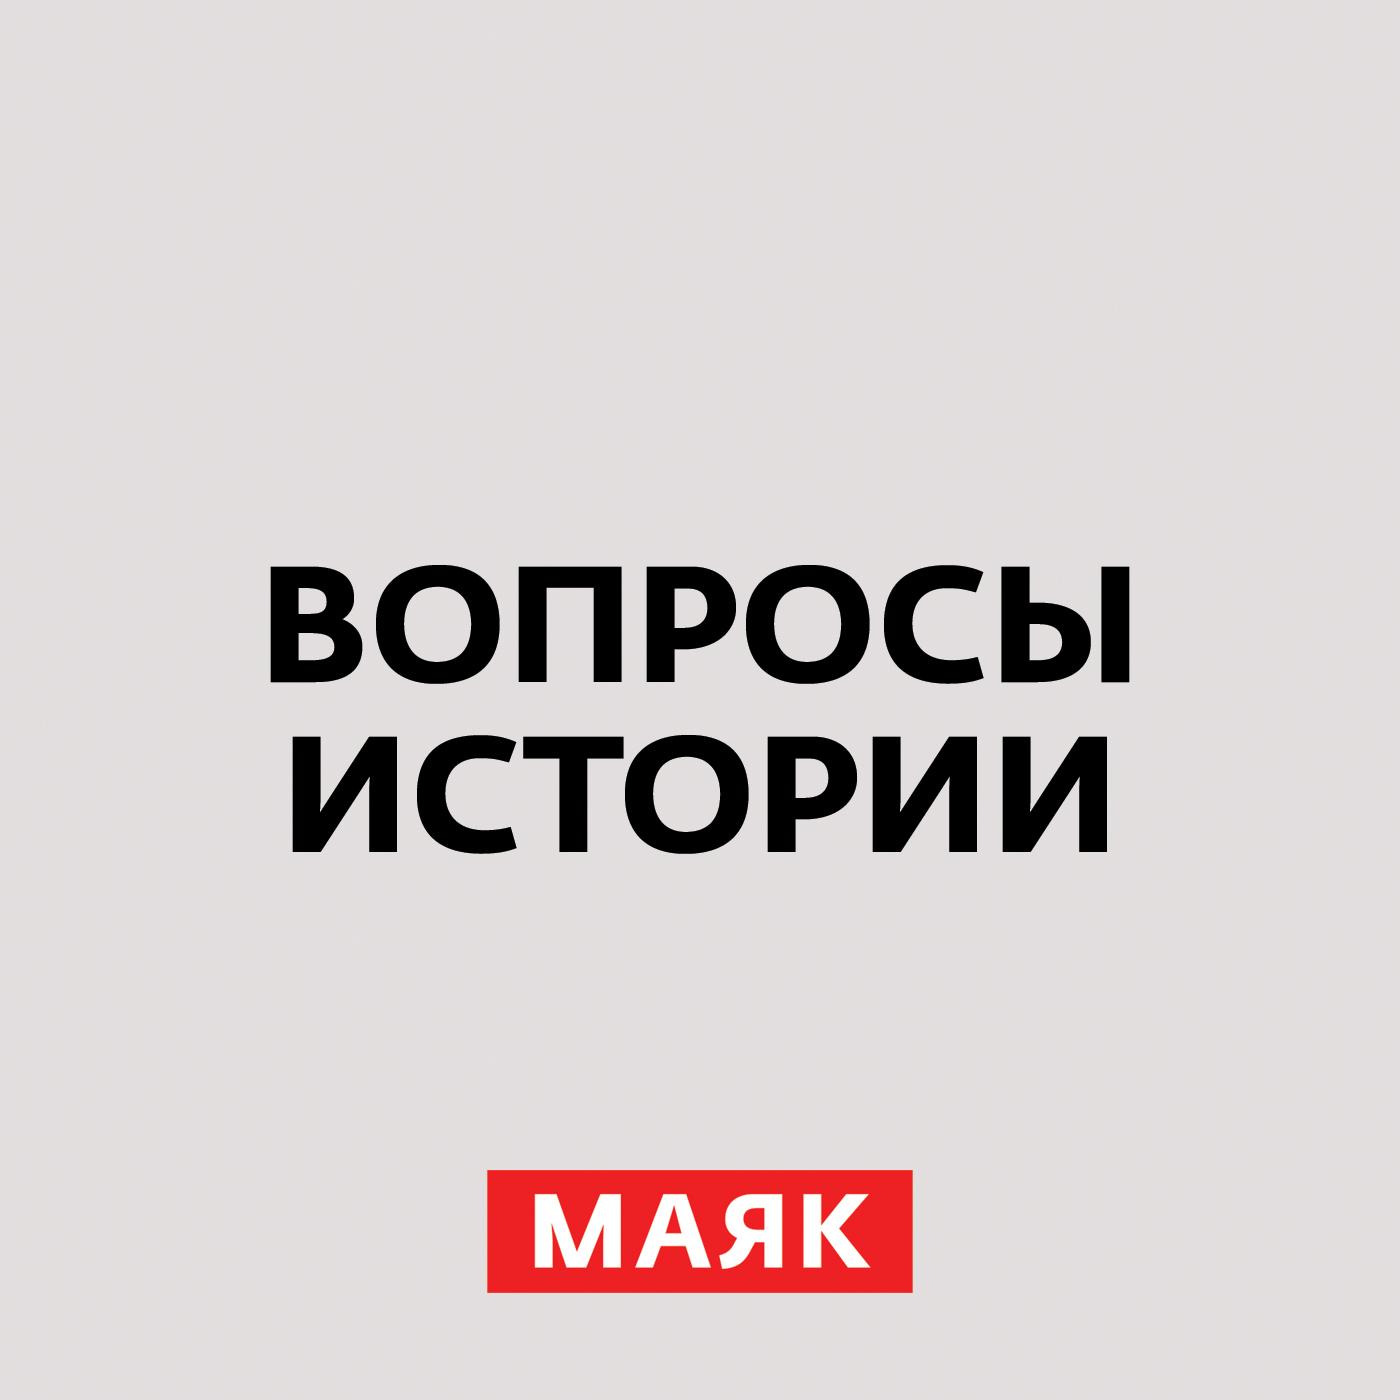 Андрей Светенко Что на самом деле было в июне 1941-го. Часть 2 андрей светенко осень 1941 го крещатик и бабий яр часть 3